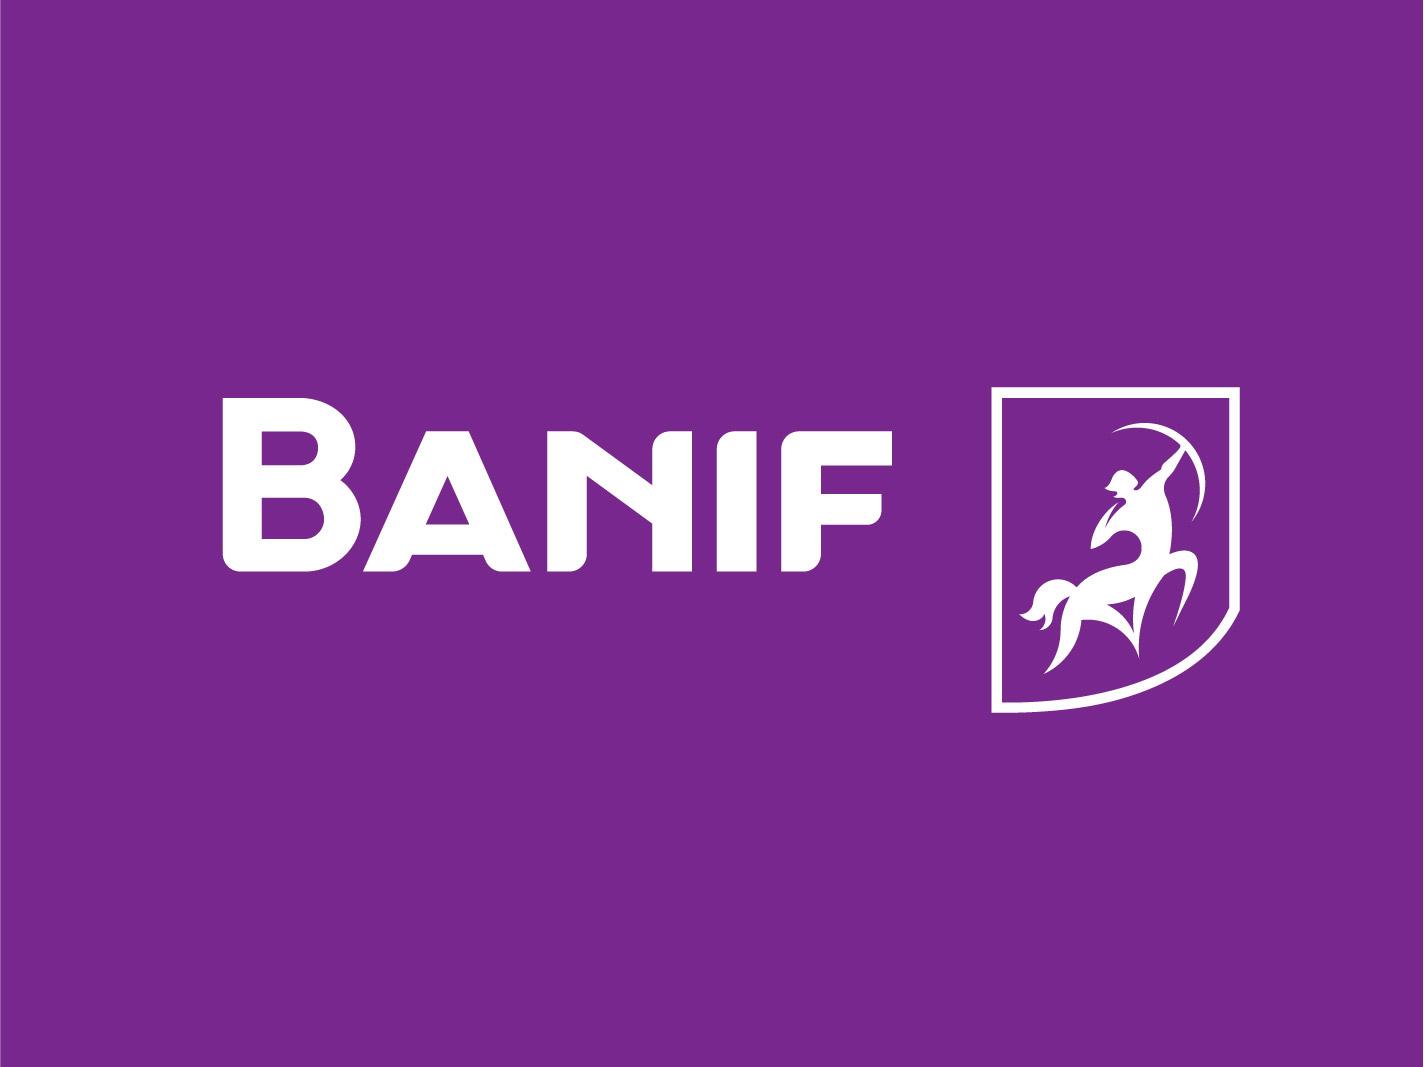 A Oitante concentra os ativos tóxicos do Banif, que o Santander Totta não quis. / Banif